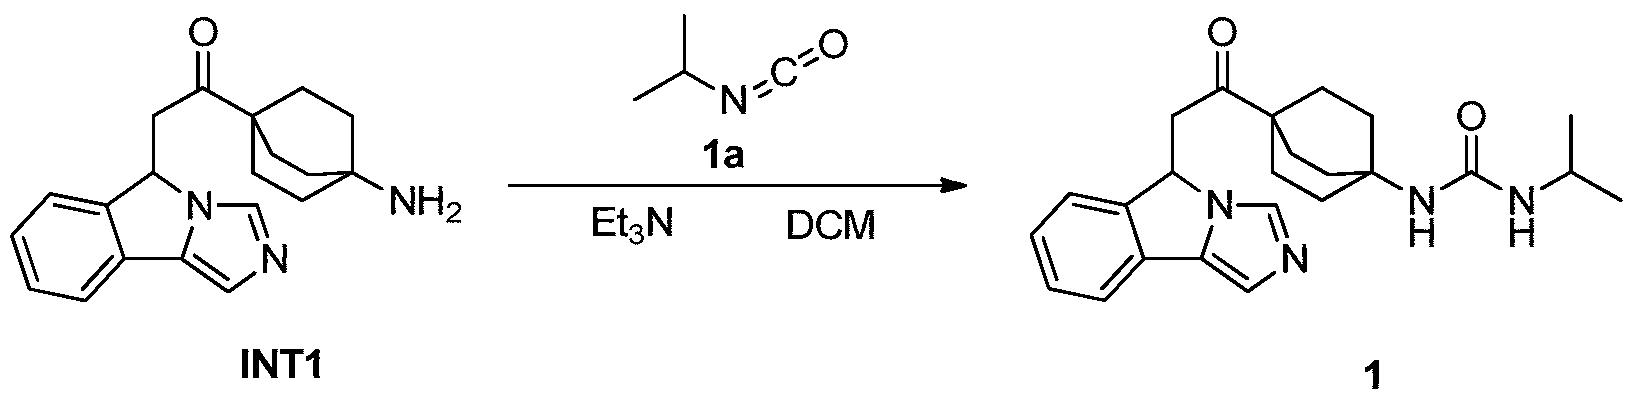 Figure PCTCN2017084604-appb-000254